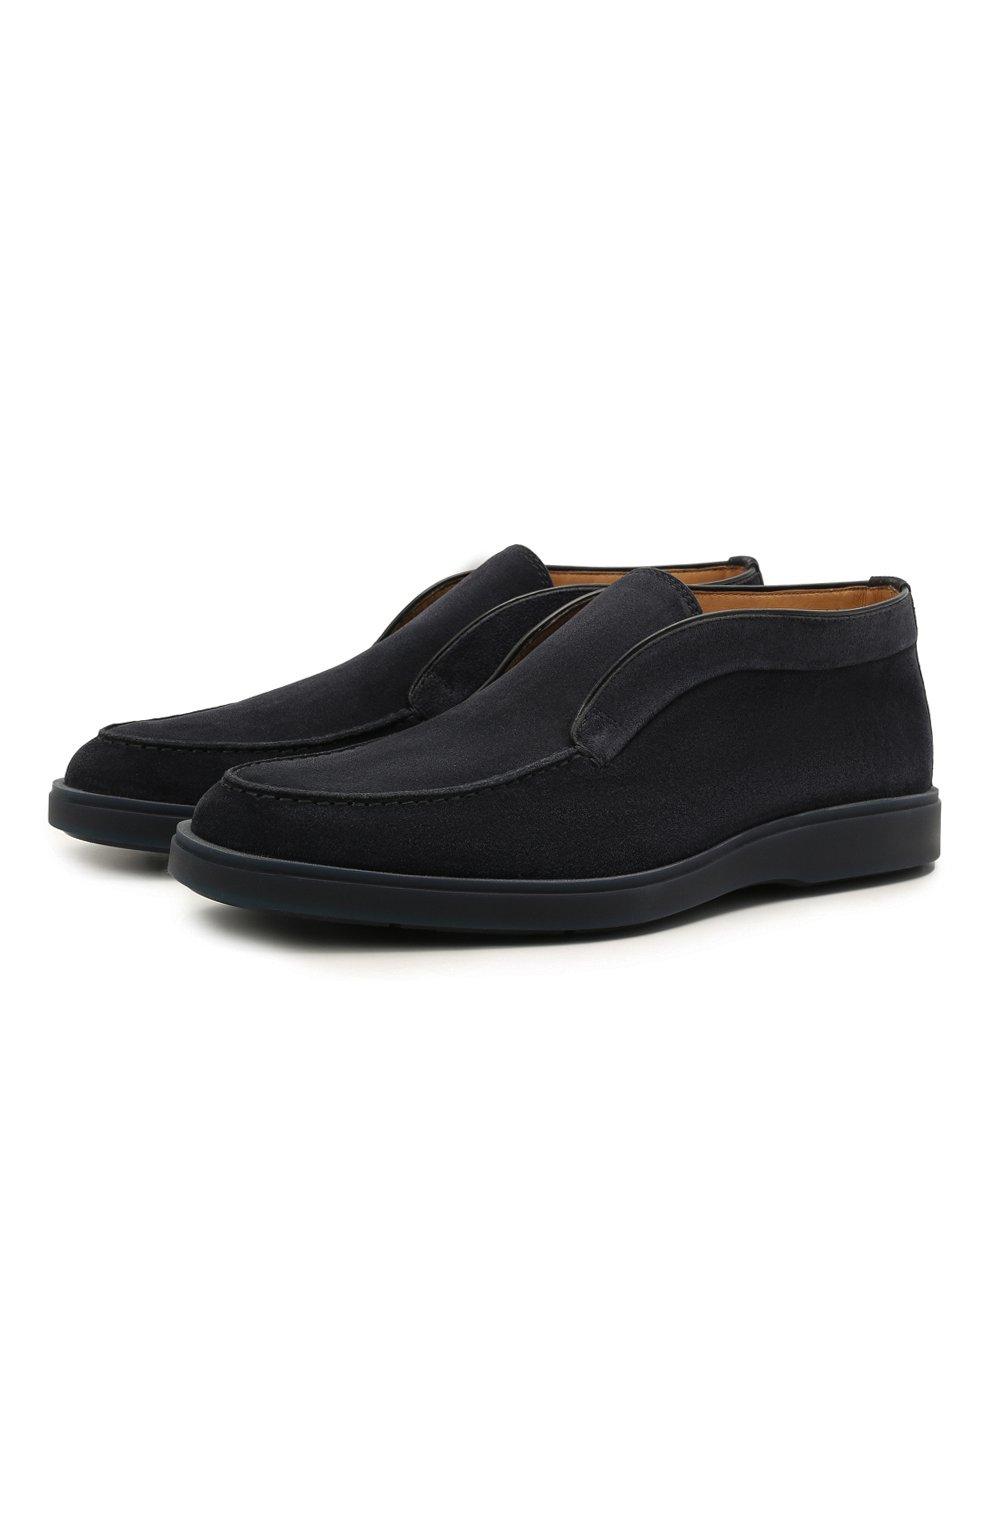 Мужские замшевые ботинки SANTONI темно-синего цвета, арт. MGDG1782300TESVUU60 | Фото 1 (Мужское Кросс-КТ: Ботинки-обувь; Материал внутренний: Натуральная кожа; Подошва: Плоская; Материал внешний: Замша)